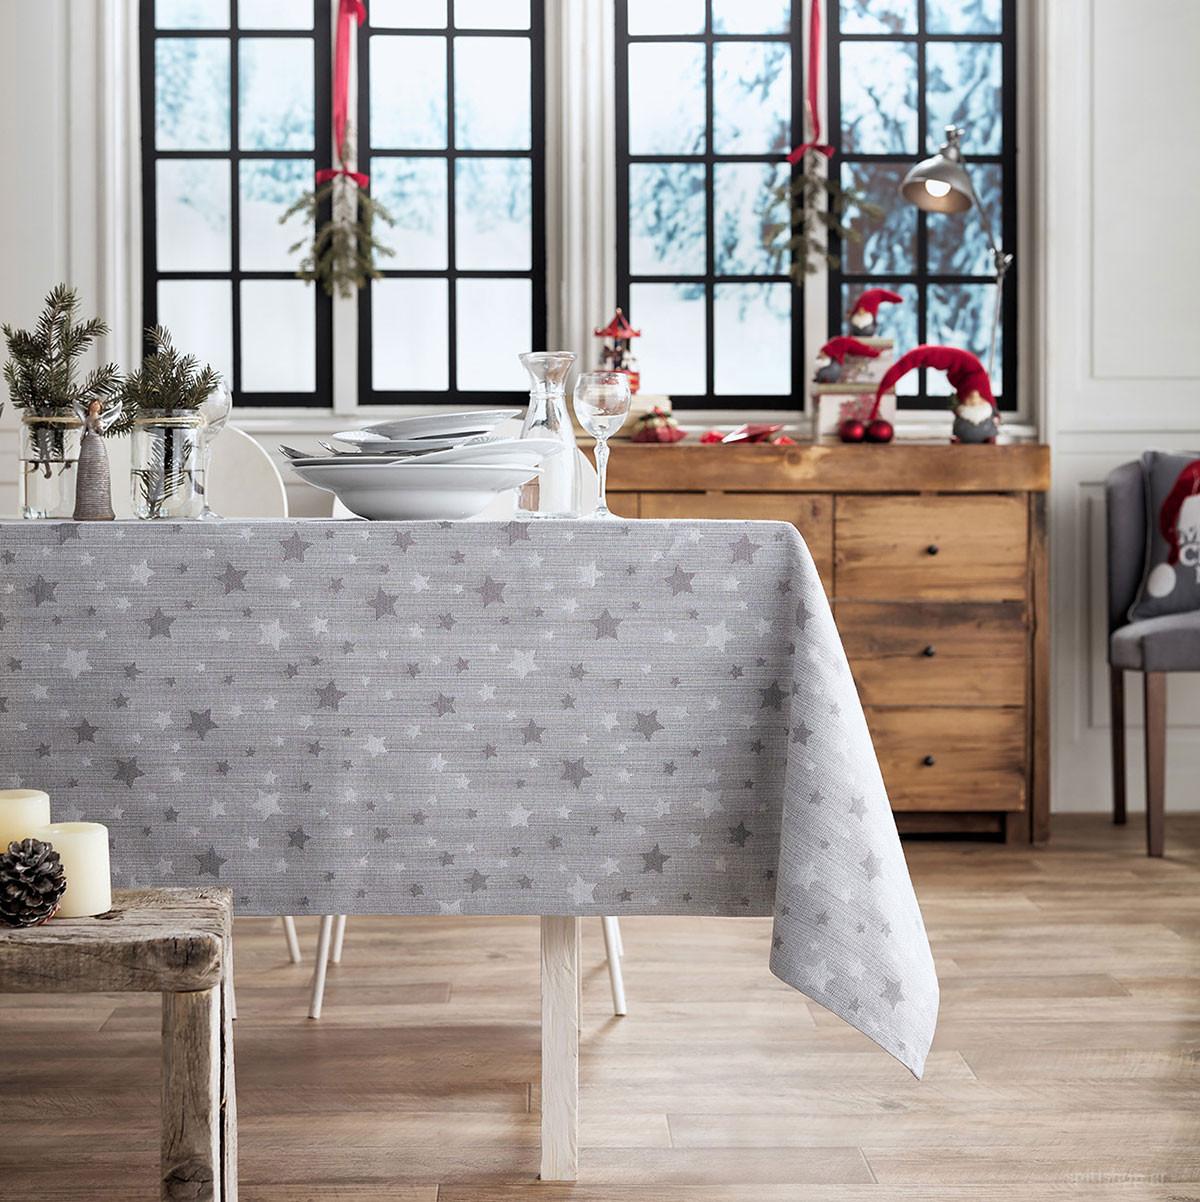 Χριστουγεννιάτικο Τραπεζομάντηλο (135×135) Gofis Home 901/15